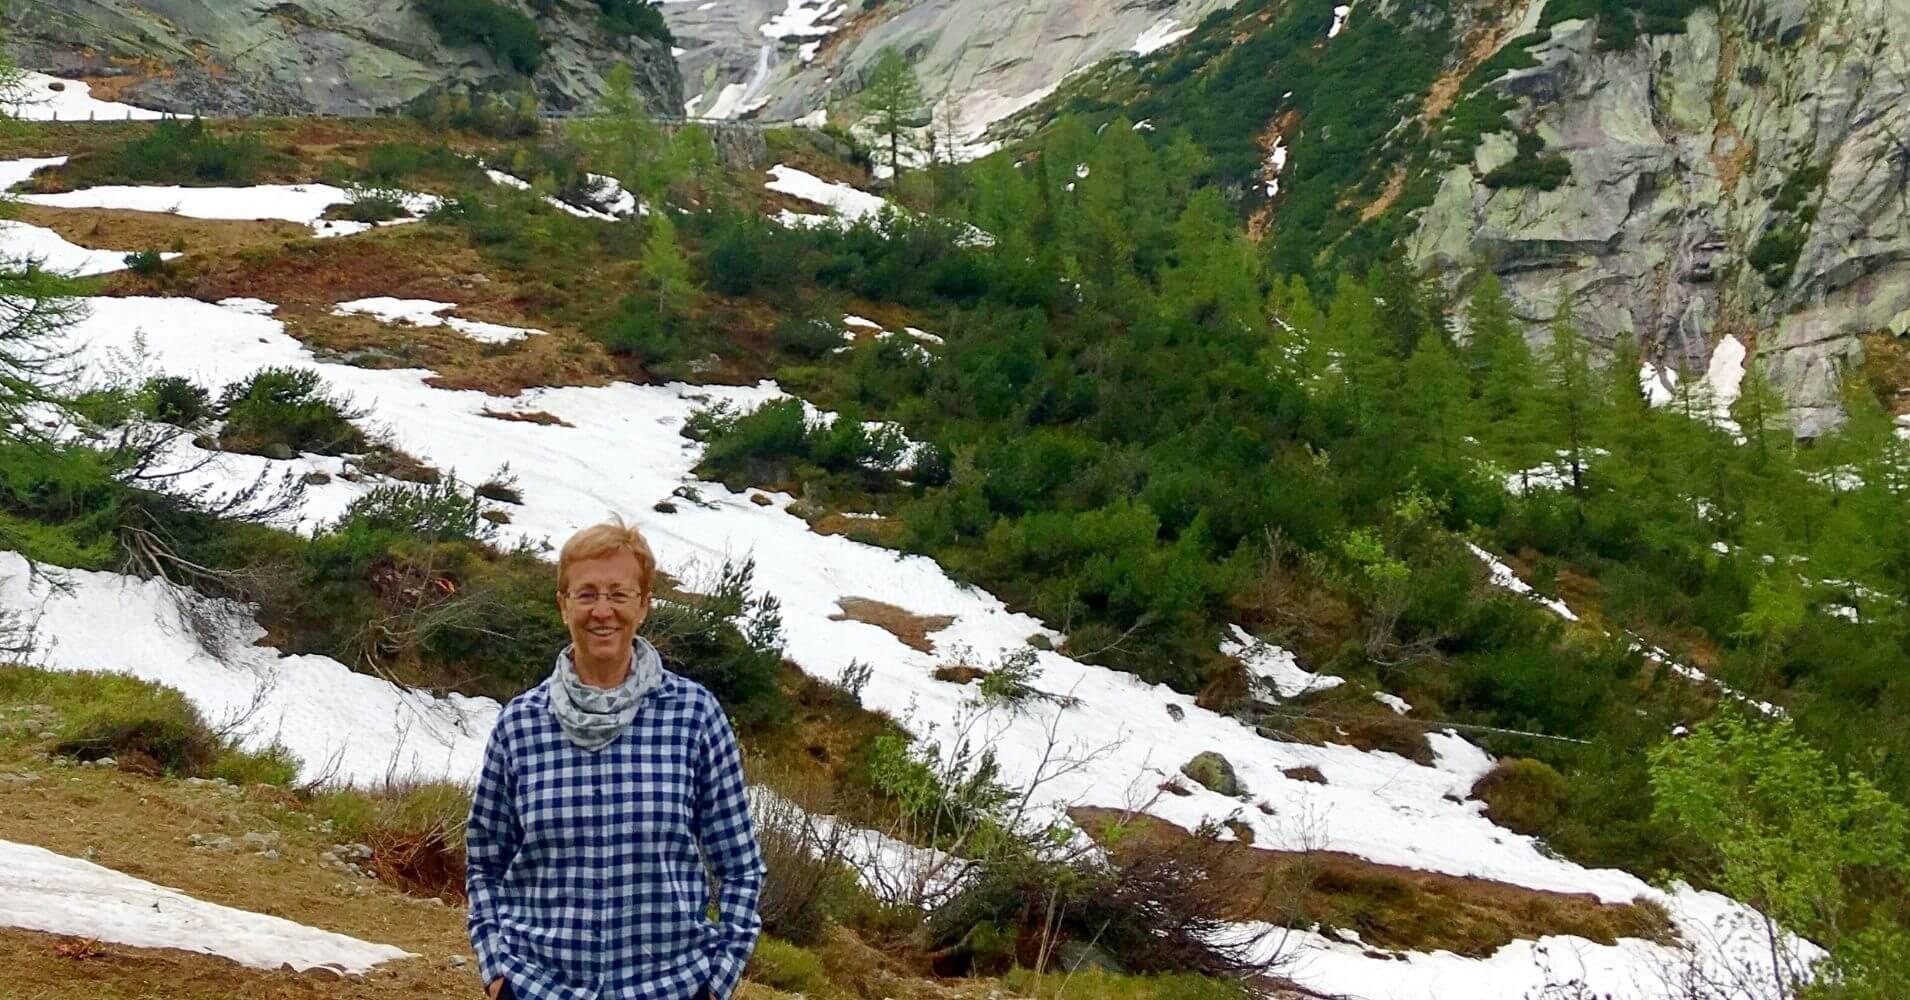 Vistas desde la Cumbre. Lucerna, Suiza.